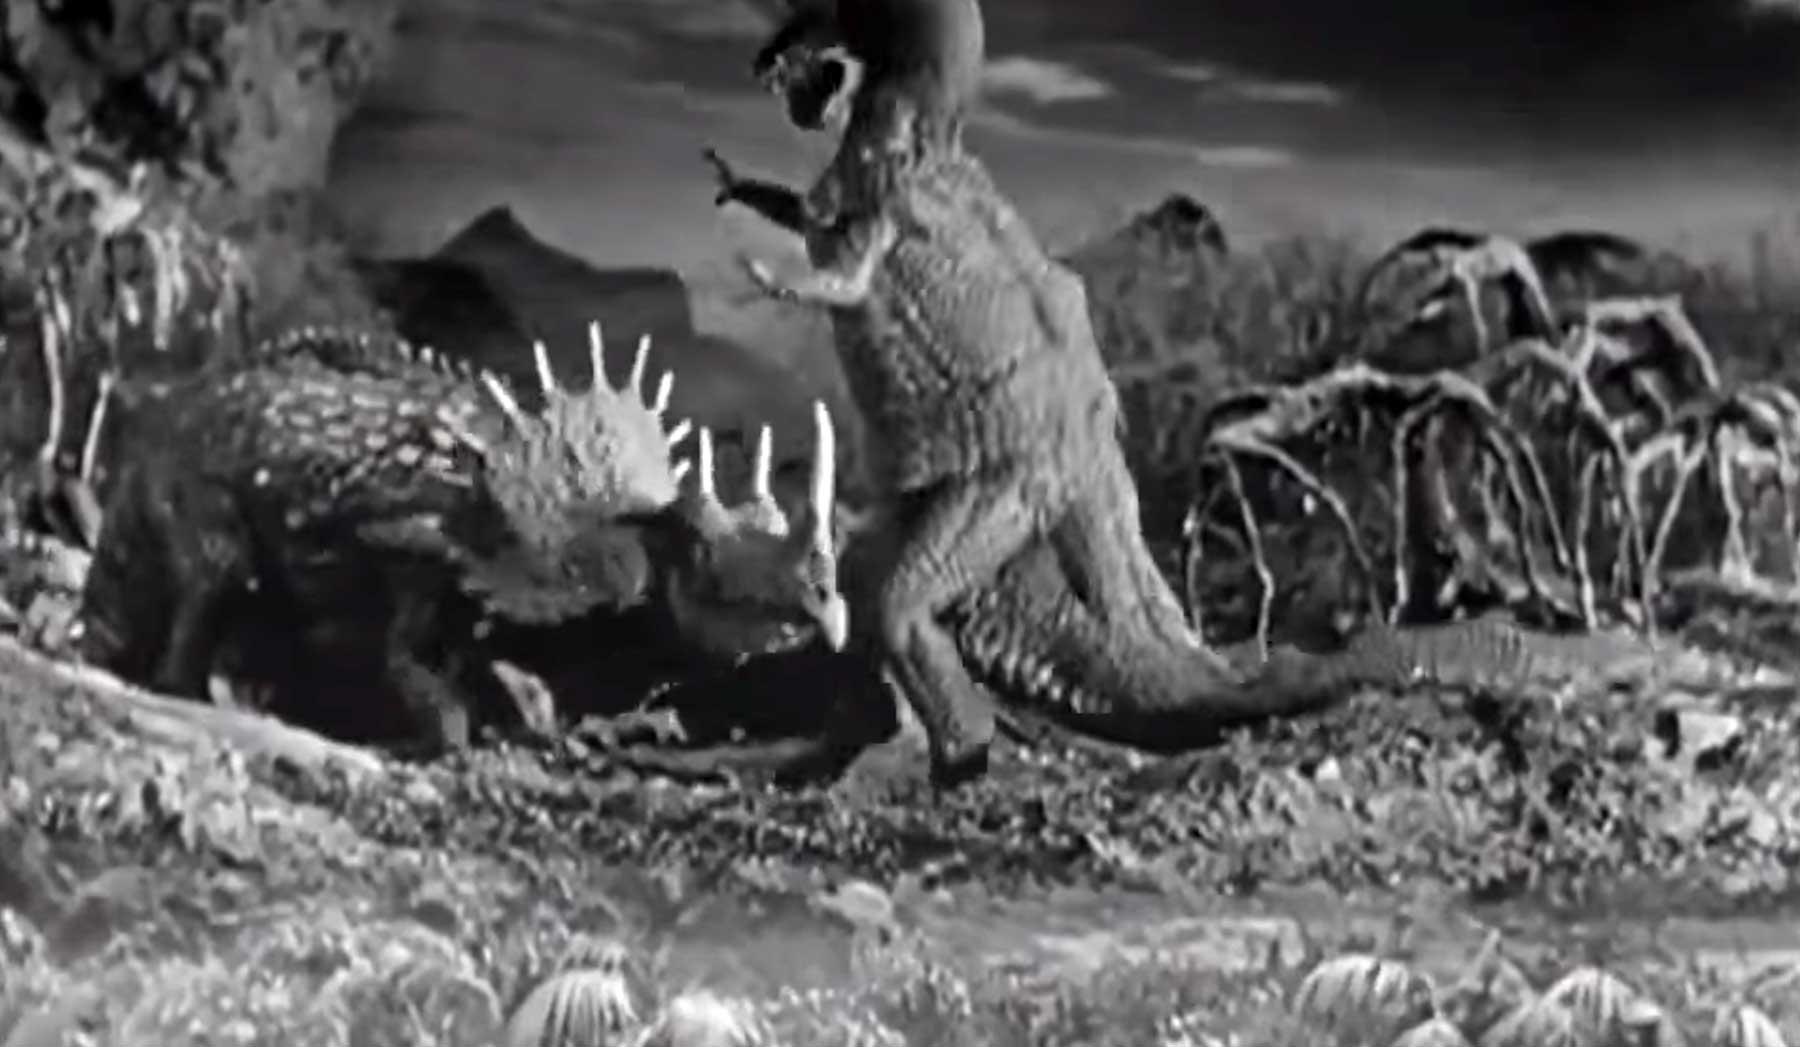 Die Entwicklung von Dinosauriern in Filmen